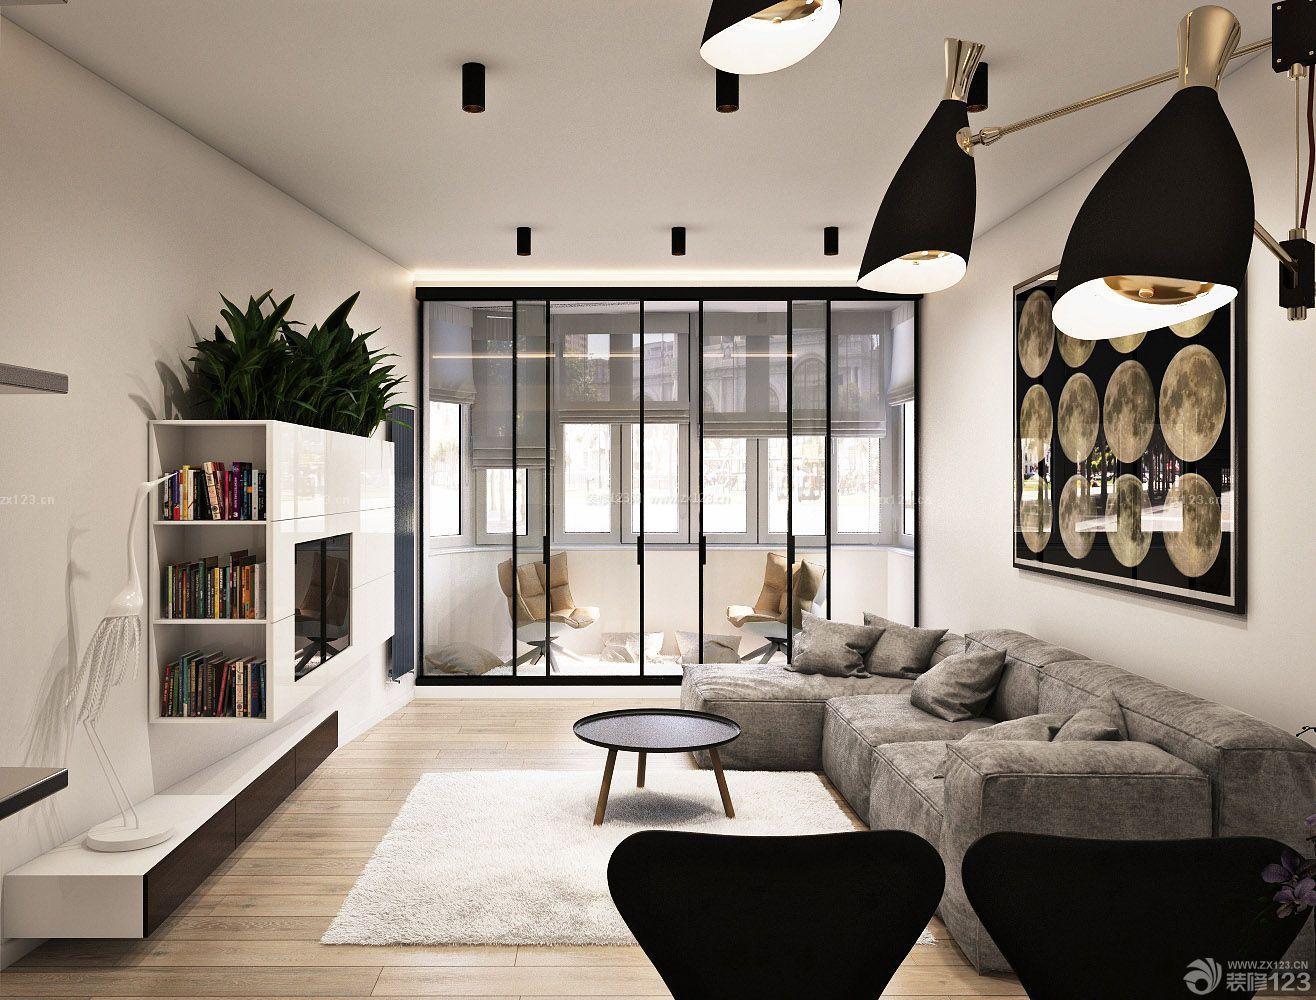 欧式家居装修效果图三室两厅客厅简装